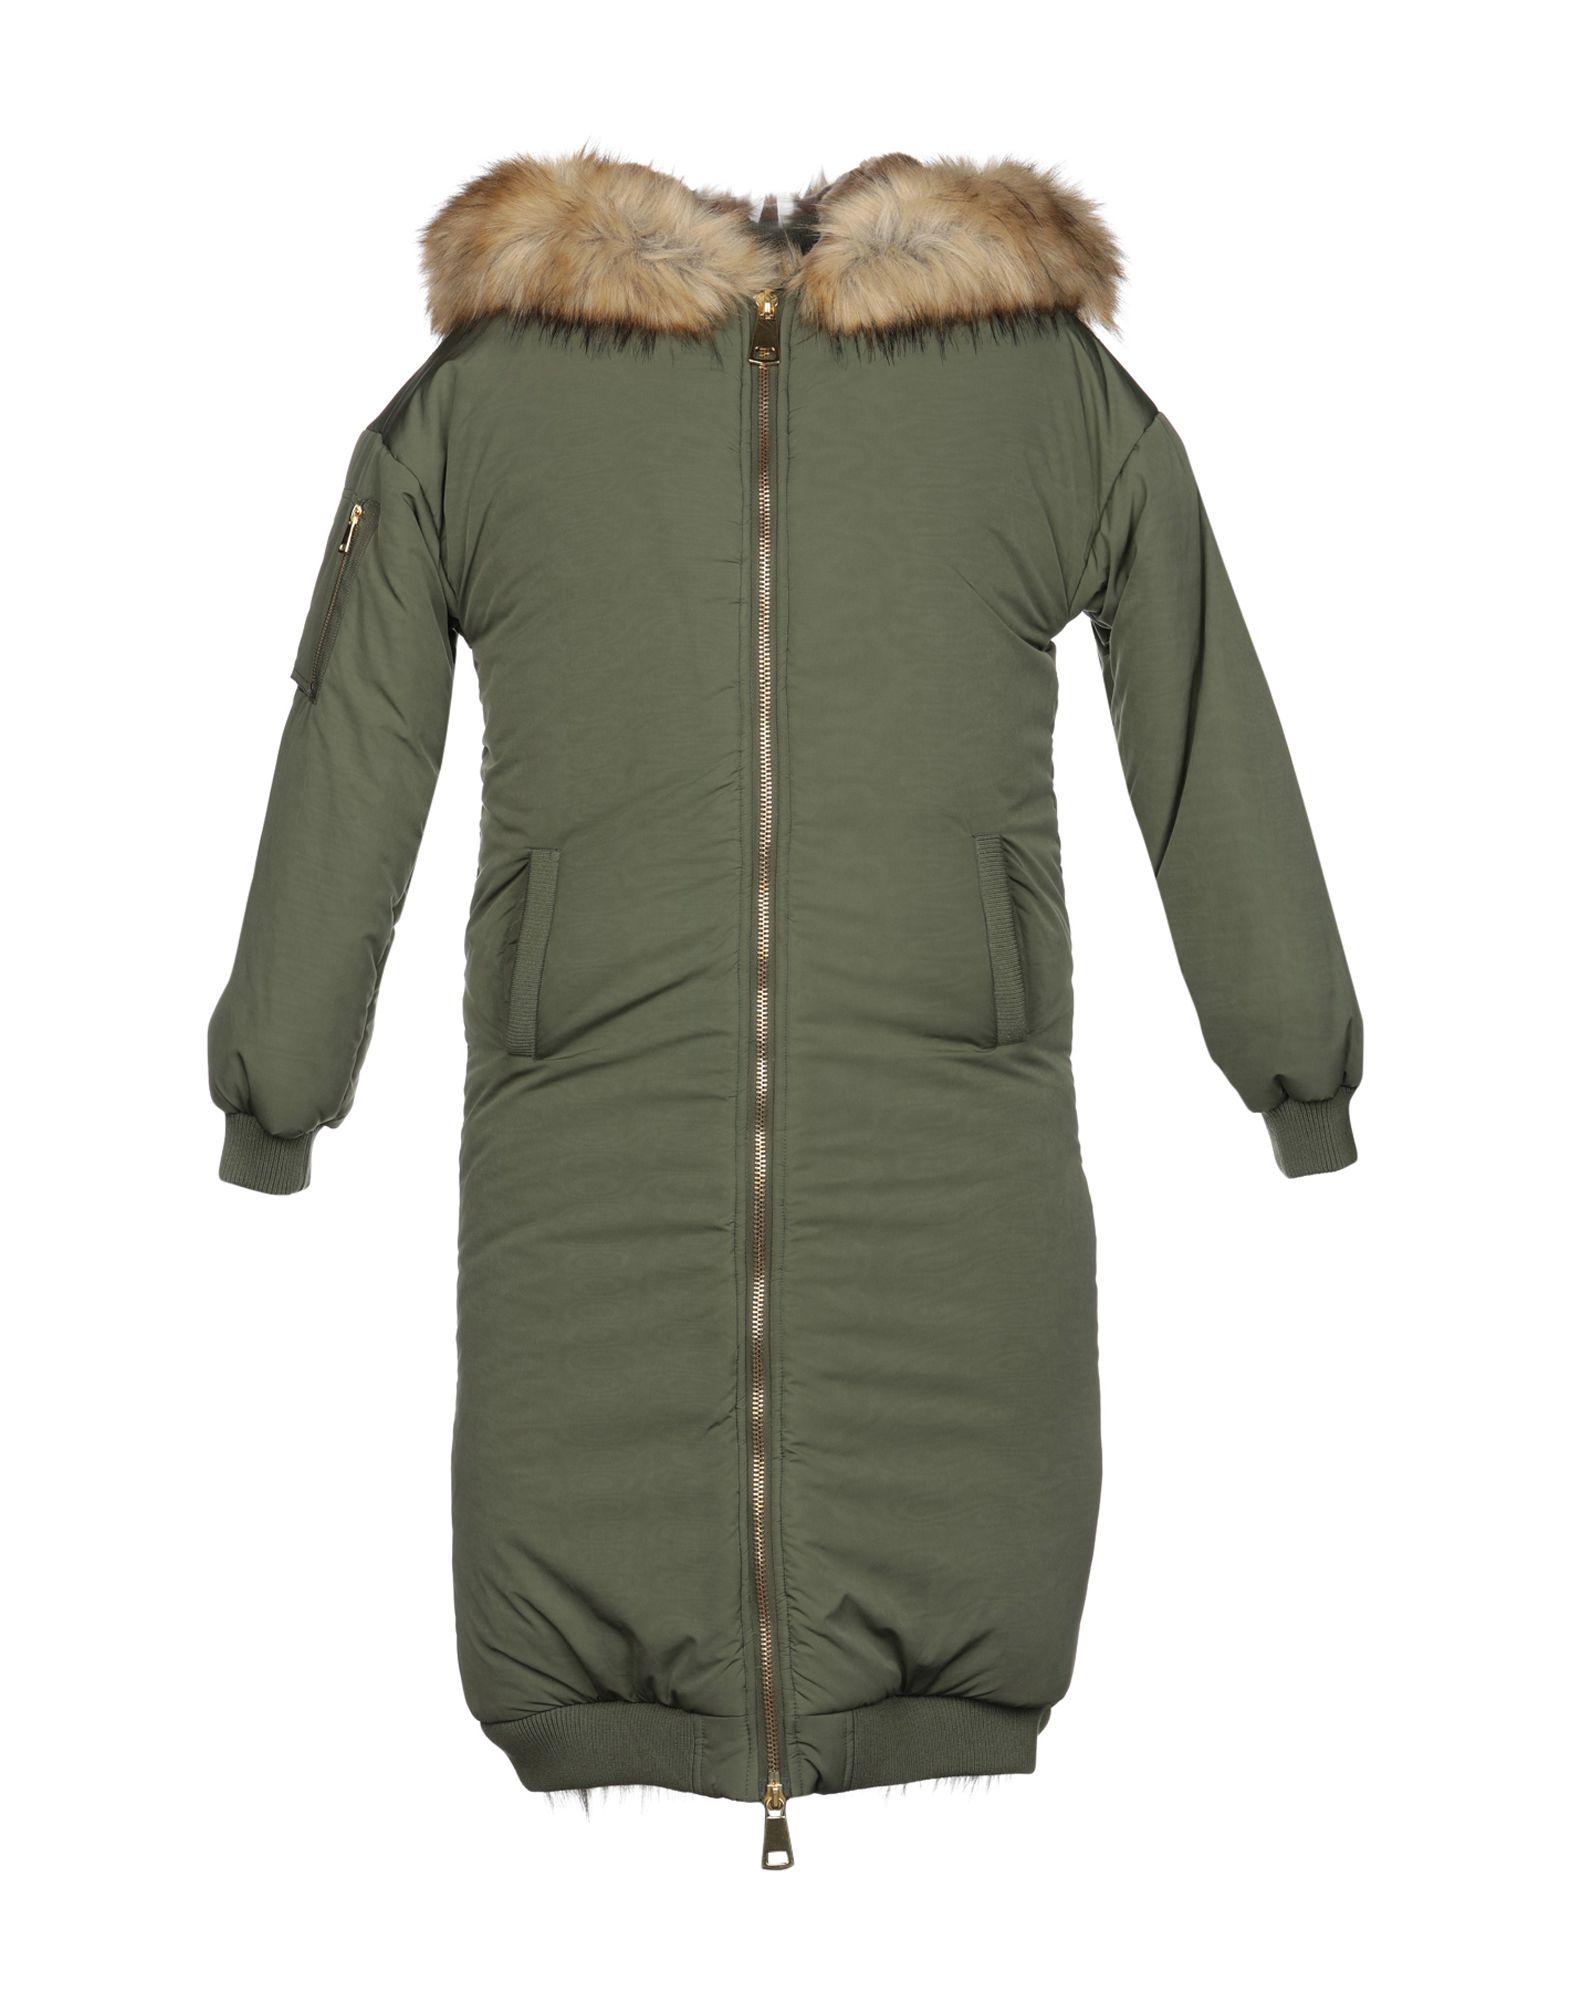 KENGSTAR Пальто